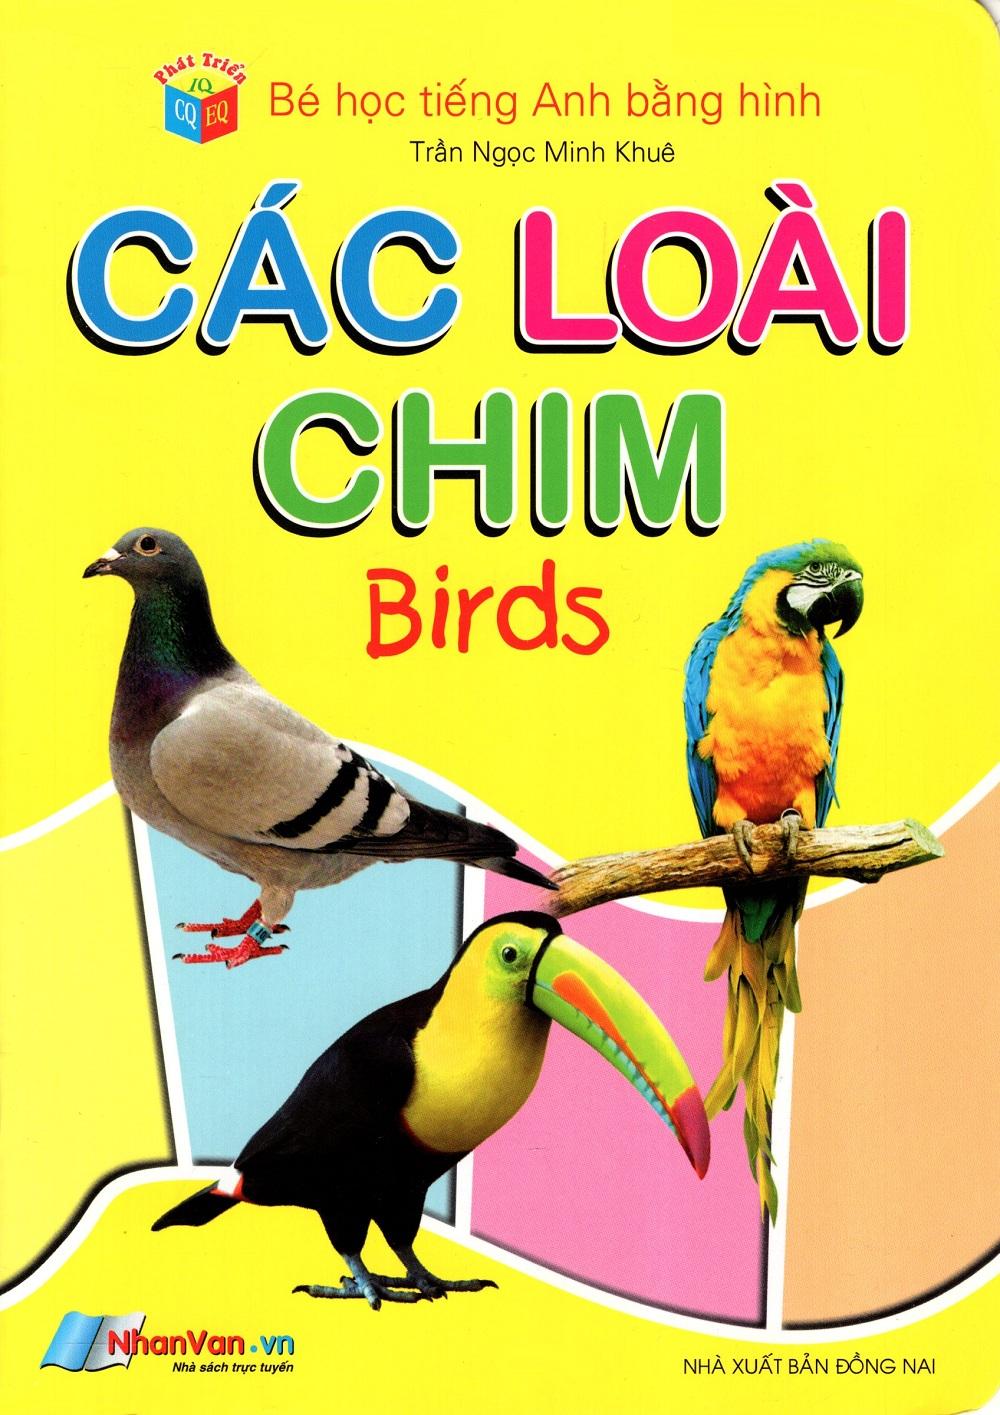 Bé Học Tiếng Anh Bằng Hình: Các Loài Chim